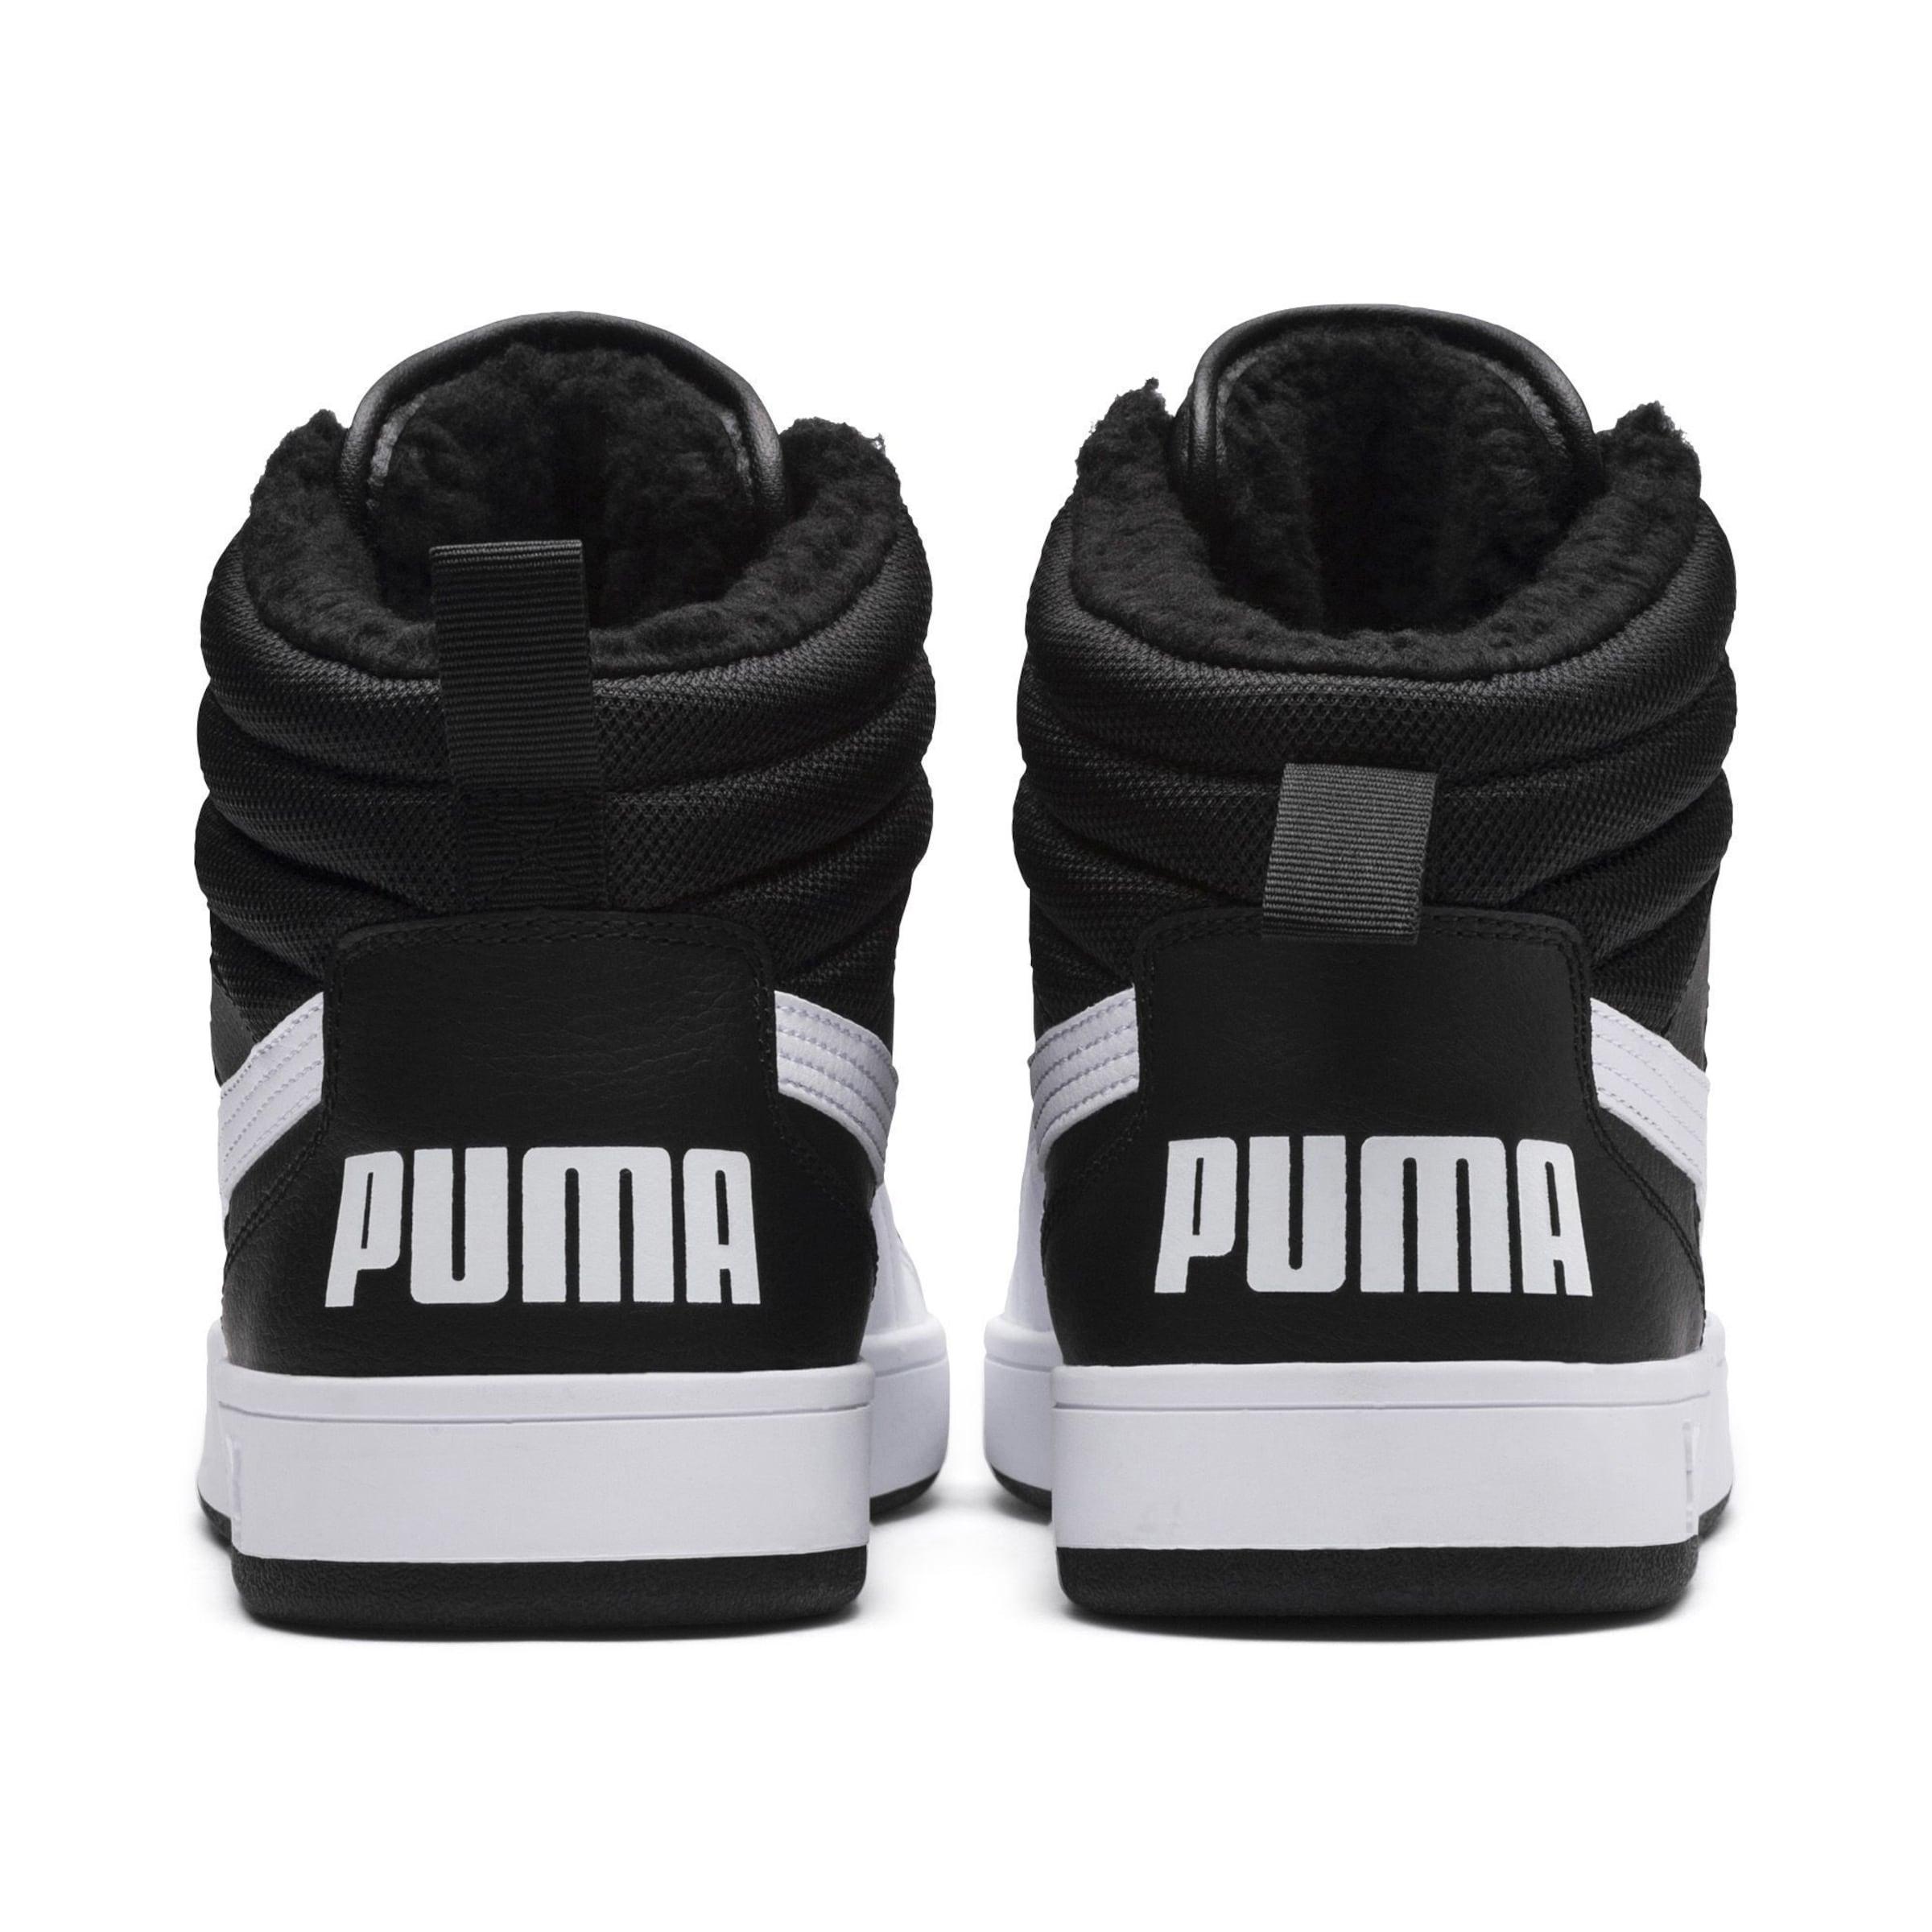 PUMA High-Tops 'Rebound Street Leder Verkaufen Sie saisonale Aktionen Aktionen Aktionen b4aebc